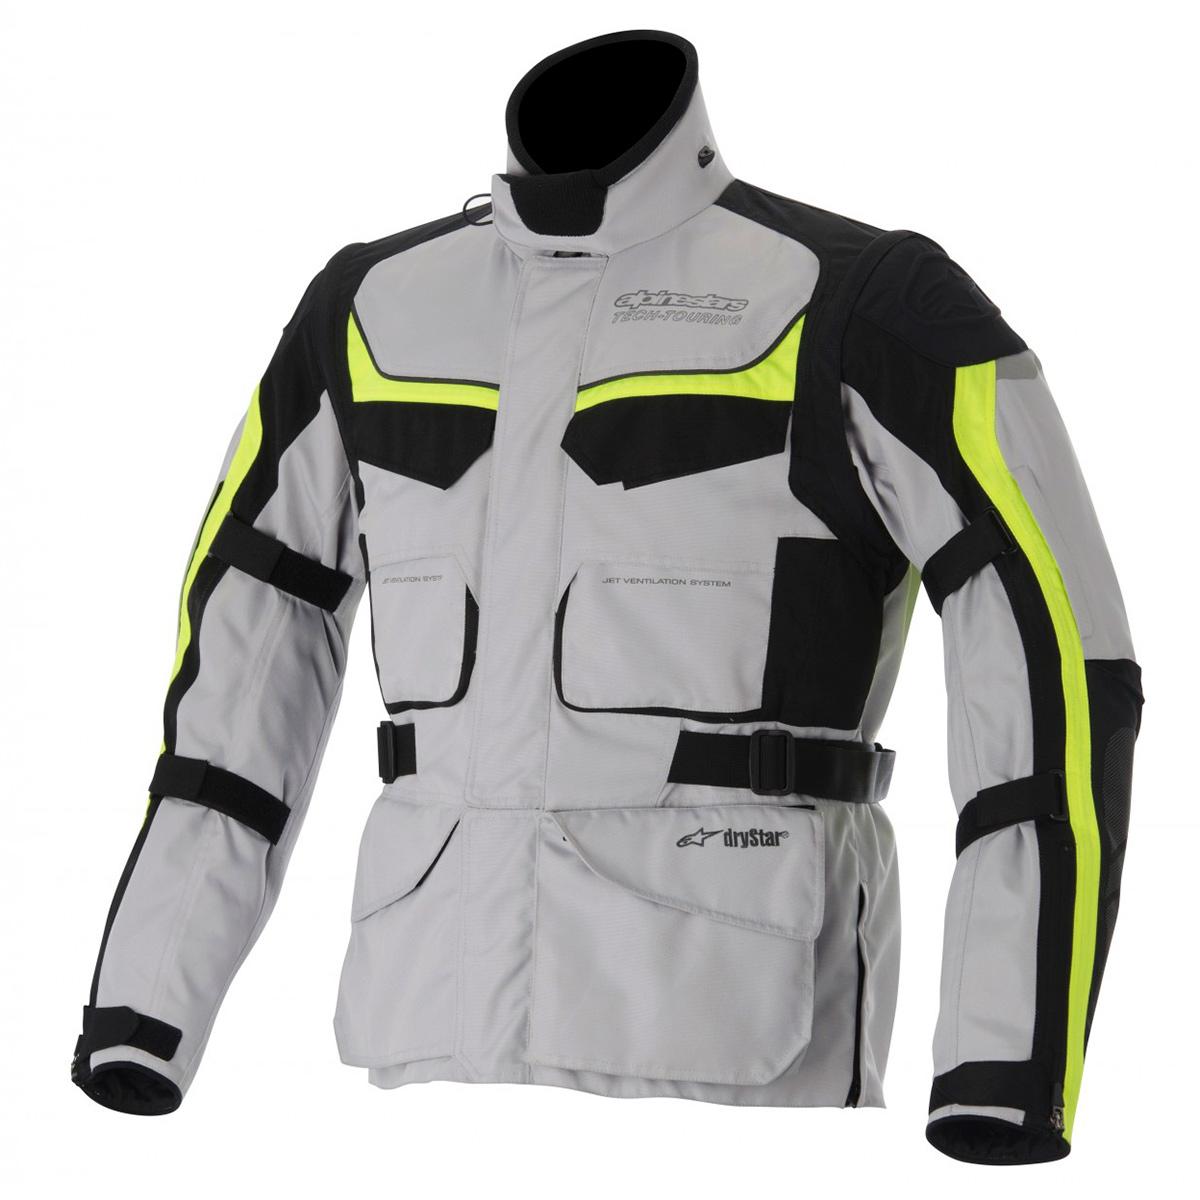 Jaqueta Alpinestars Calama Drystar WP (Cinza, preta e Amarelo Neon/ MotoTurismo/ Impermeável e Respirável)  - Super Bike - Loja Oficial Alpinestars